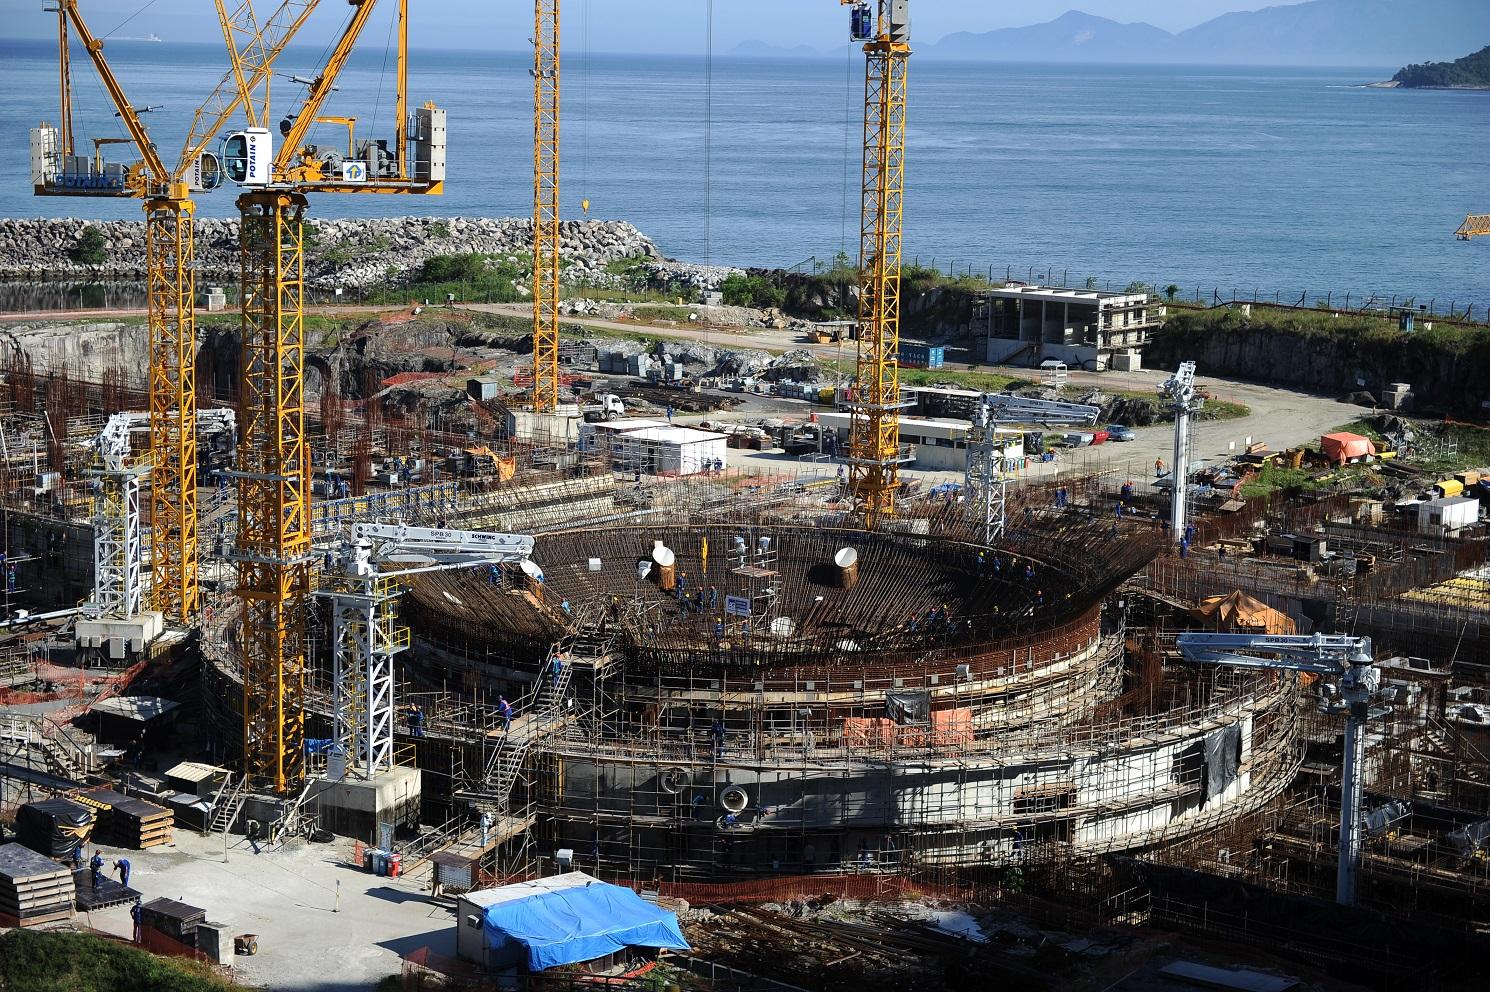 A continuação das obras da Usina Nuclear Angra 3 é uma das decisões que o futuro presidente deverá tomar. Foto Vanderlei Almeida/AFP